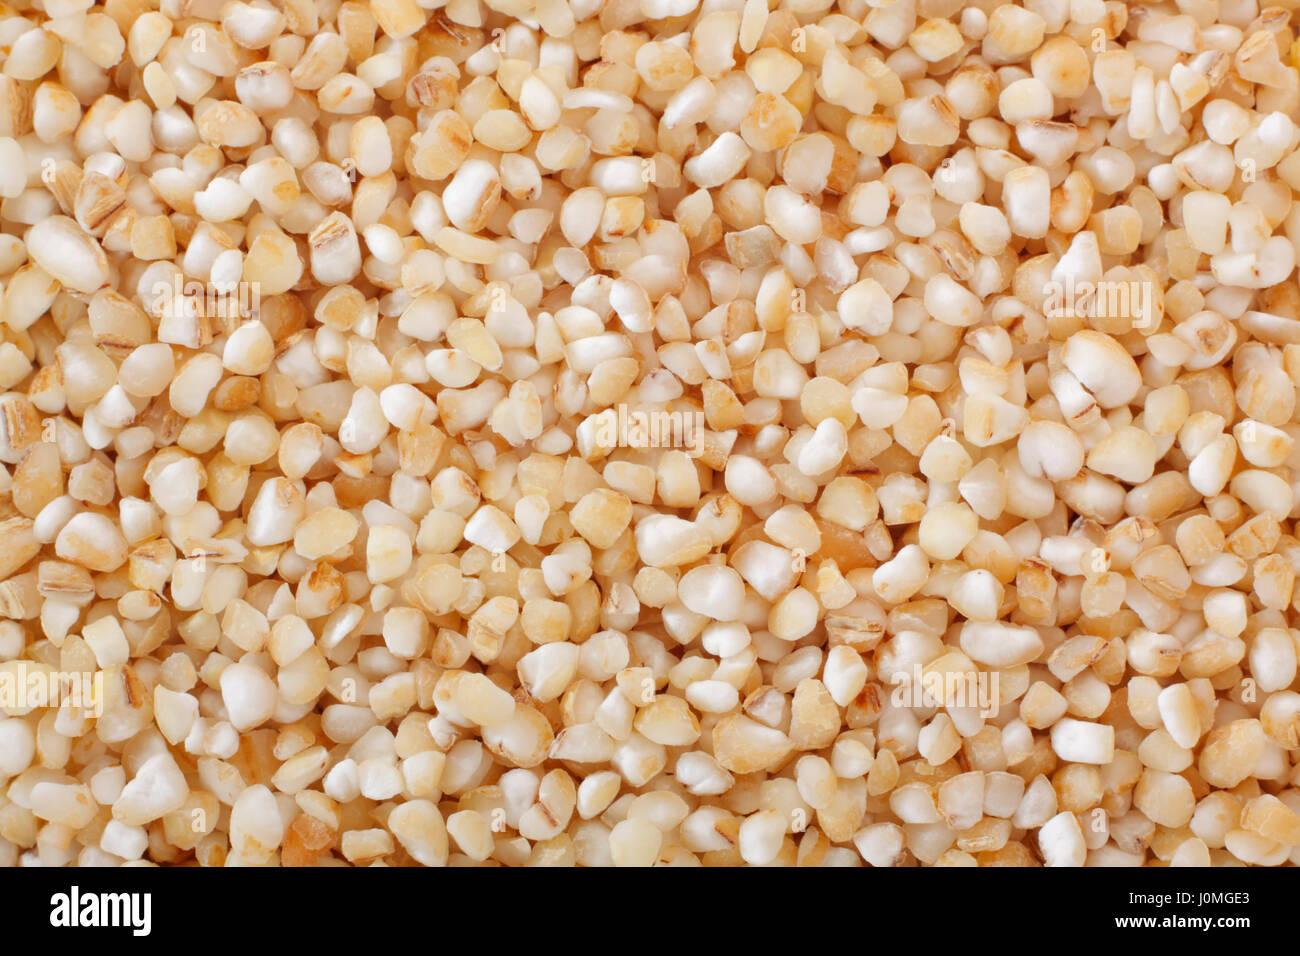 Barley Hordeum Distichon Hordeum Vulgare Imágenes De Stock & Barley ...